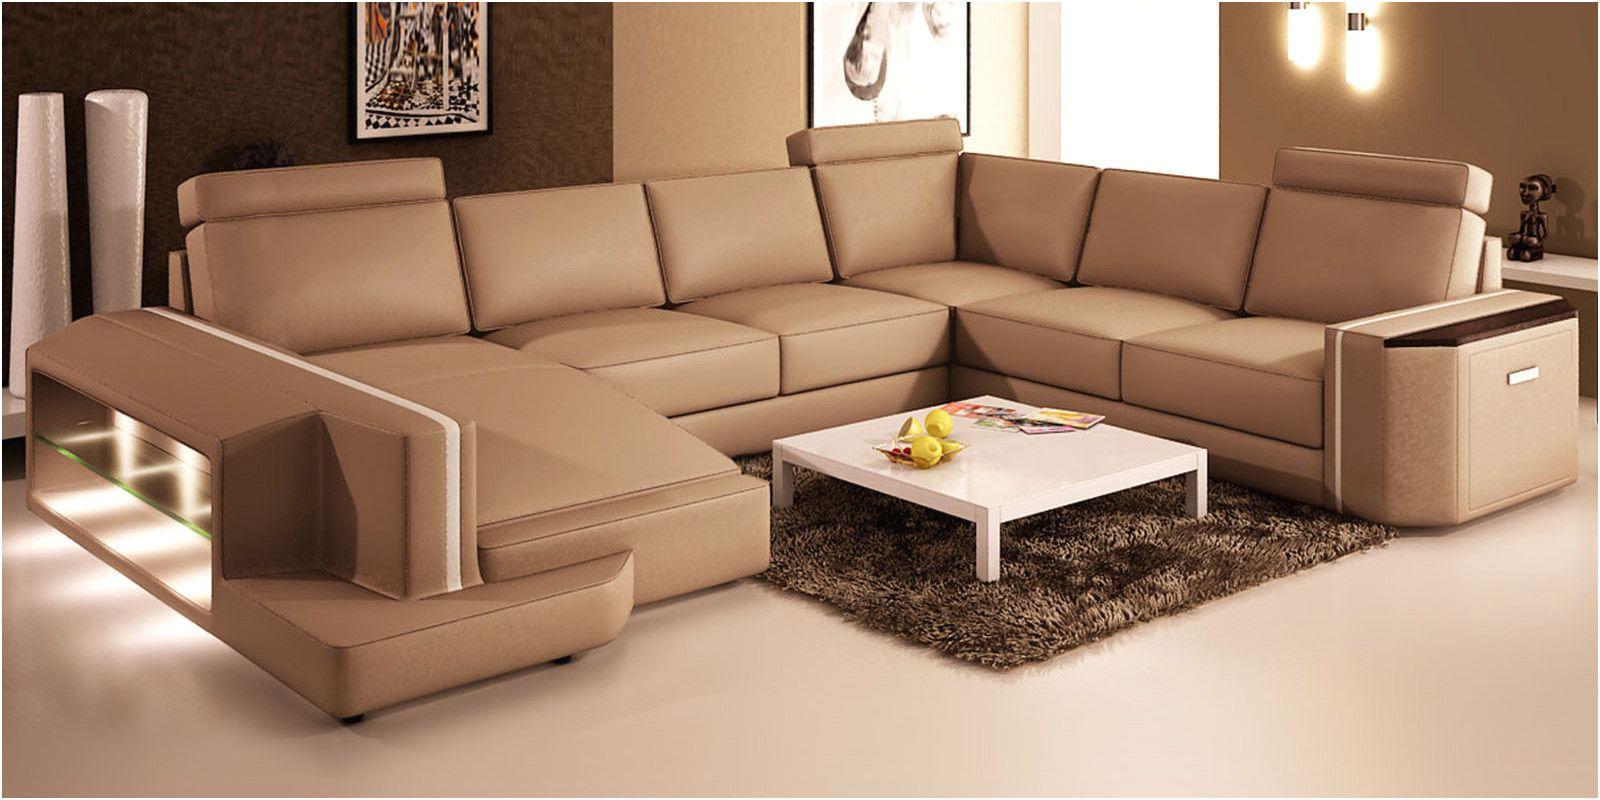 Ausgezeichnet Sofalandschaft Grau Home Home Decor Modern Couch